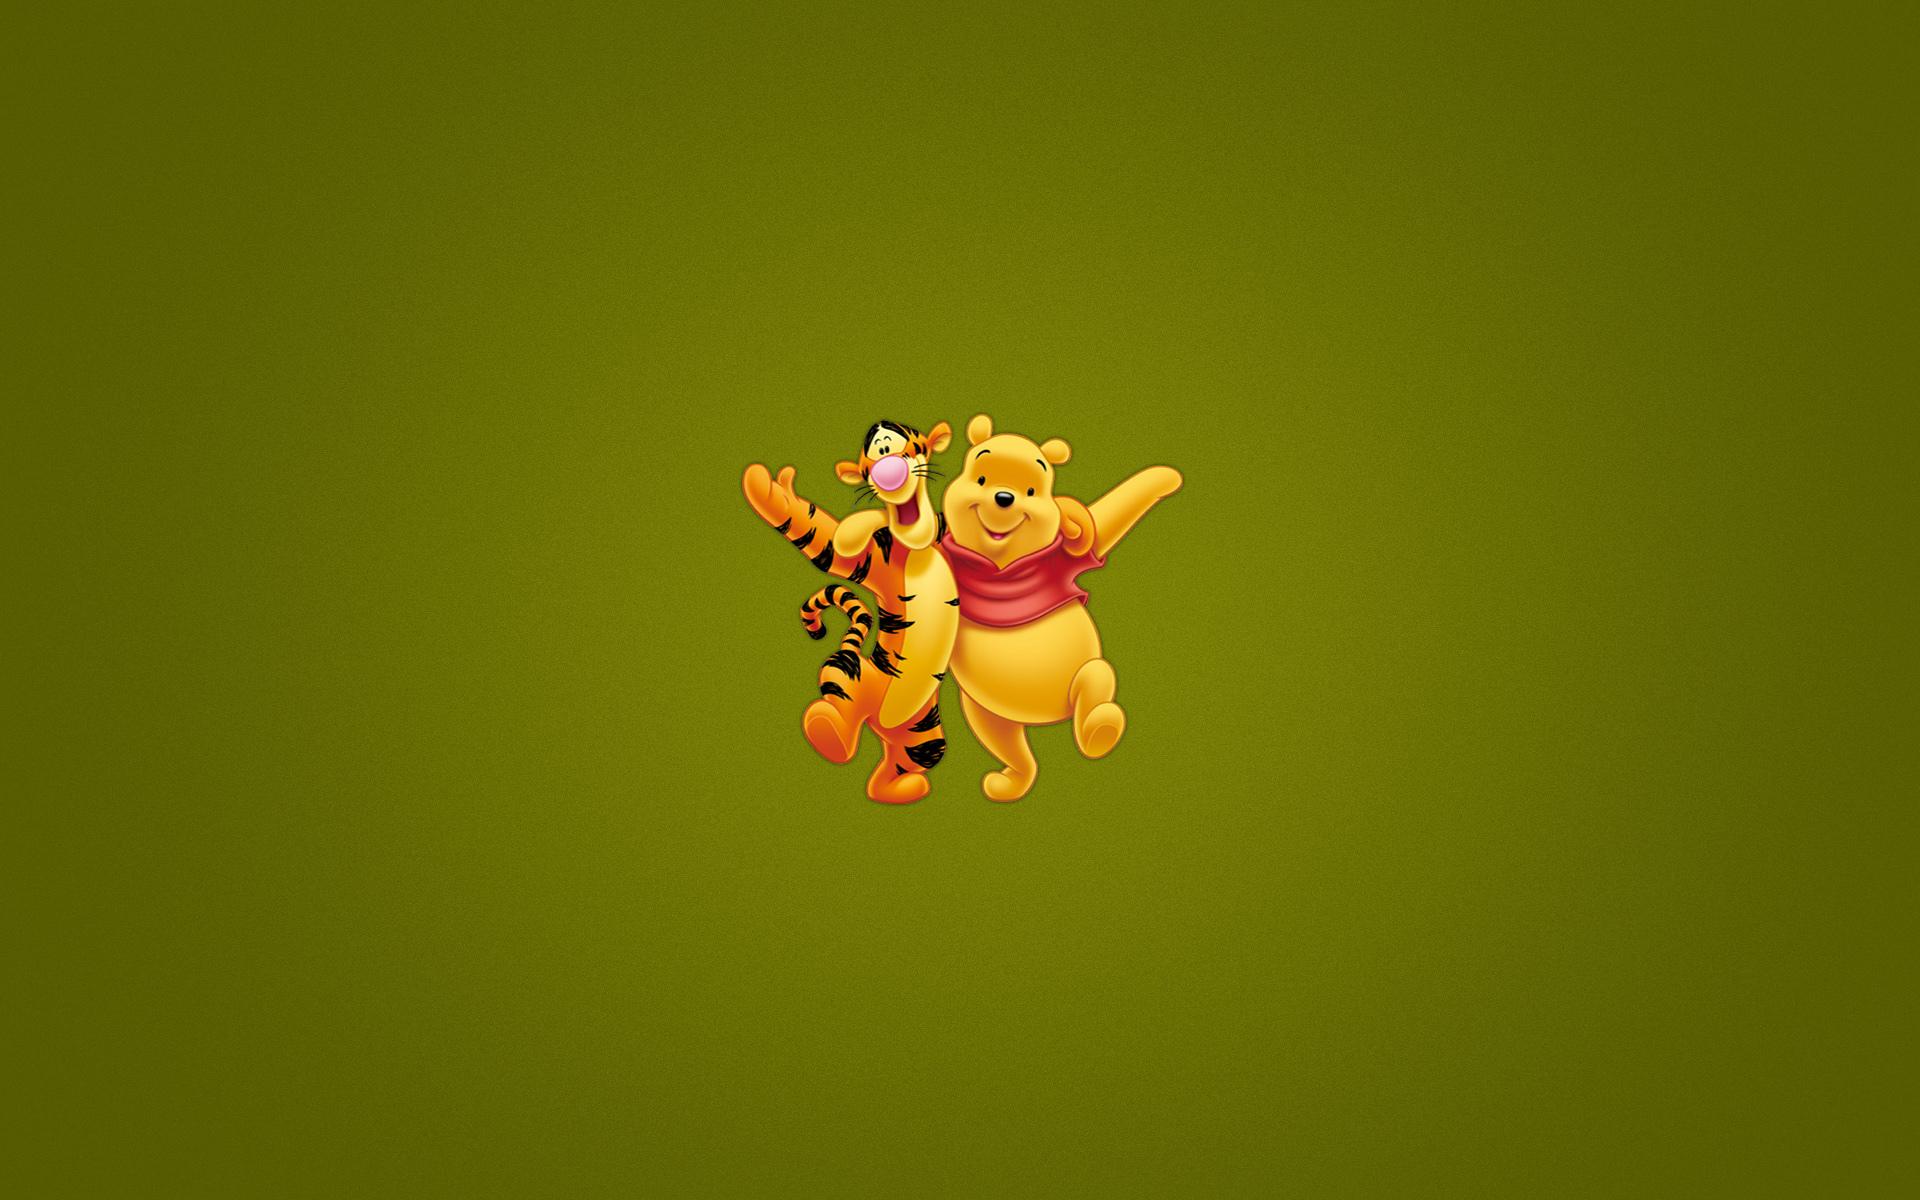 winnie the pooh wallpaper 19944